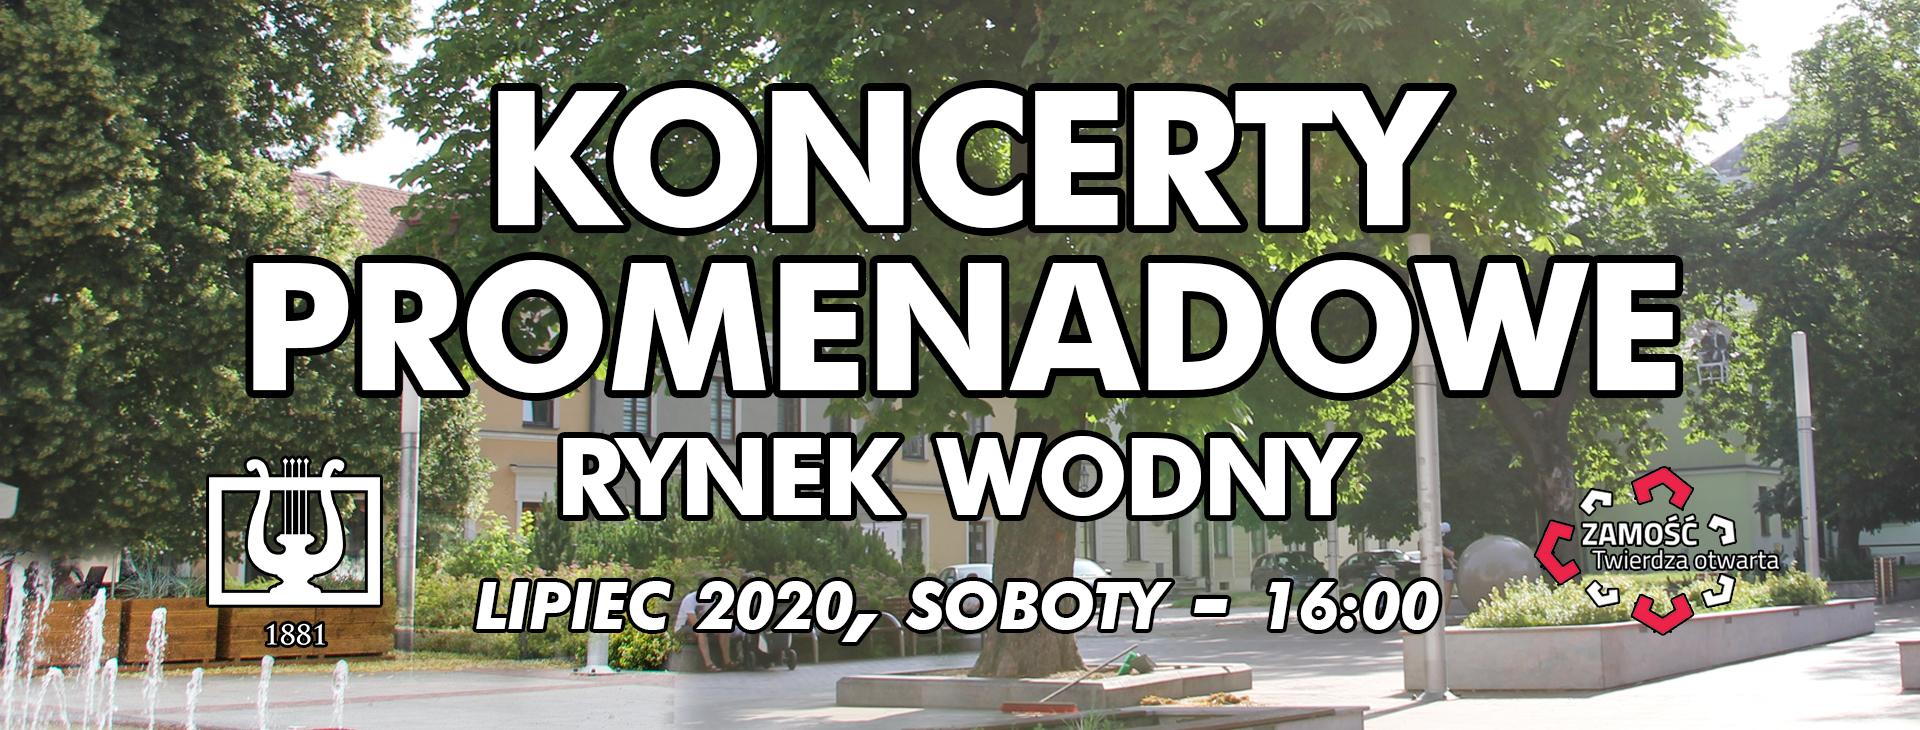 promenadowy 2020 baner fb Namysłowiacy powracają z koncertami plenerowymi.